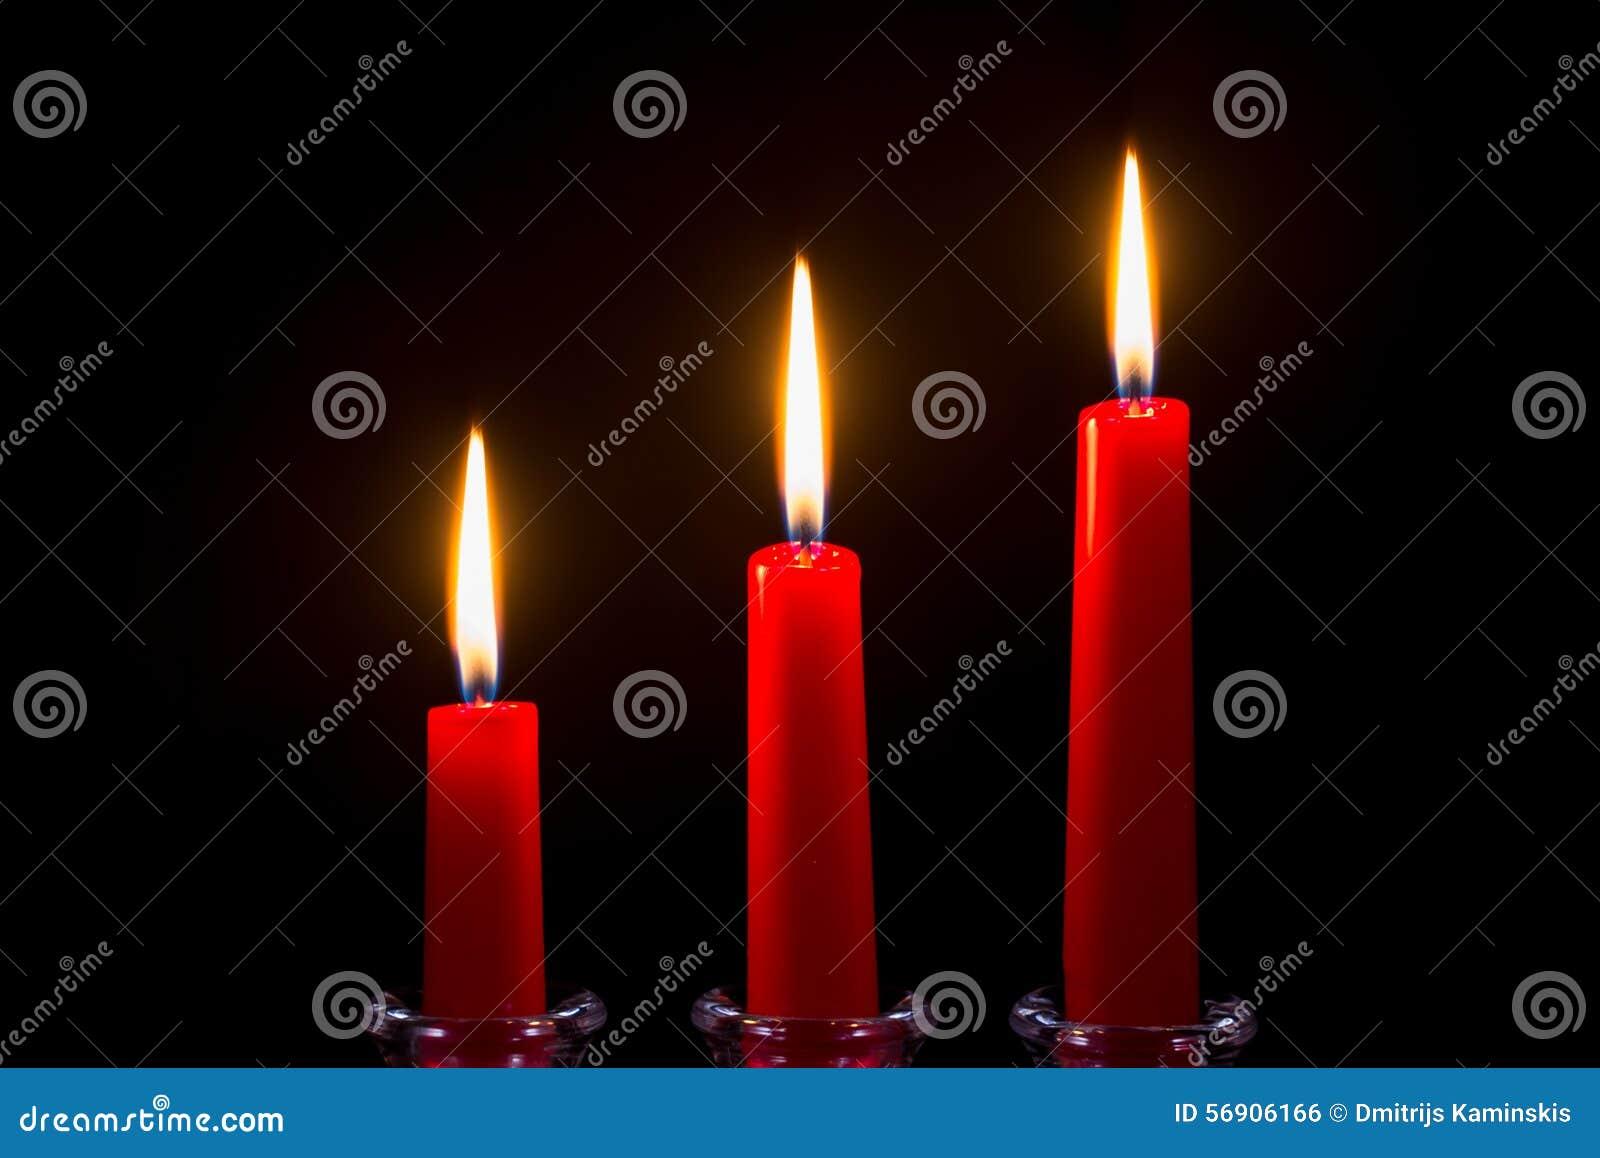 Τρία κόκκινα κεριά σε ένα μαύρο υπόβαθρο